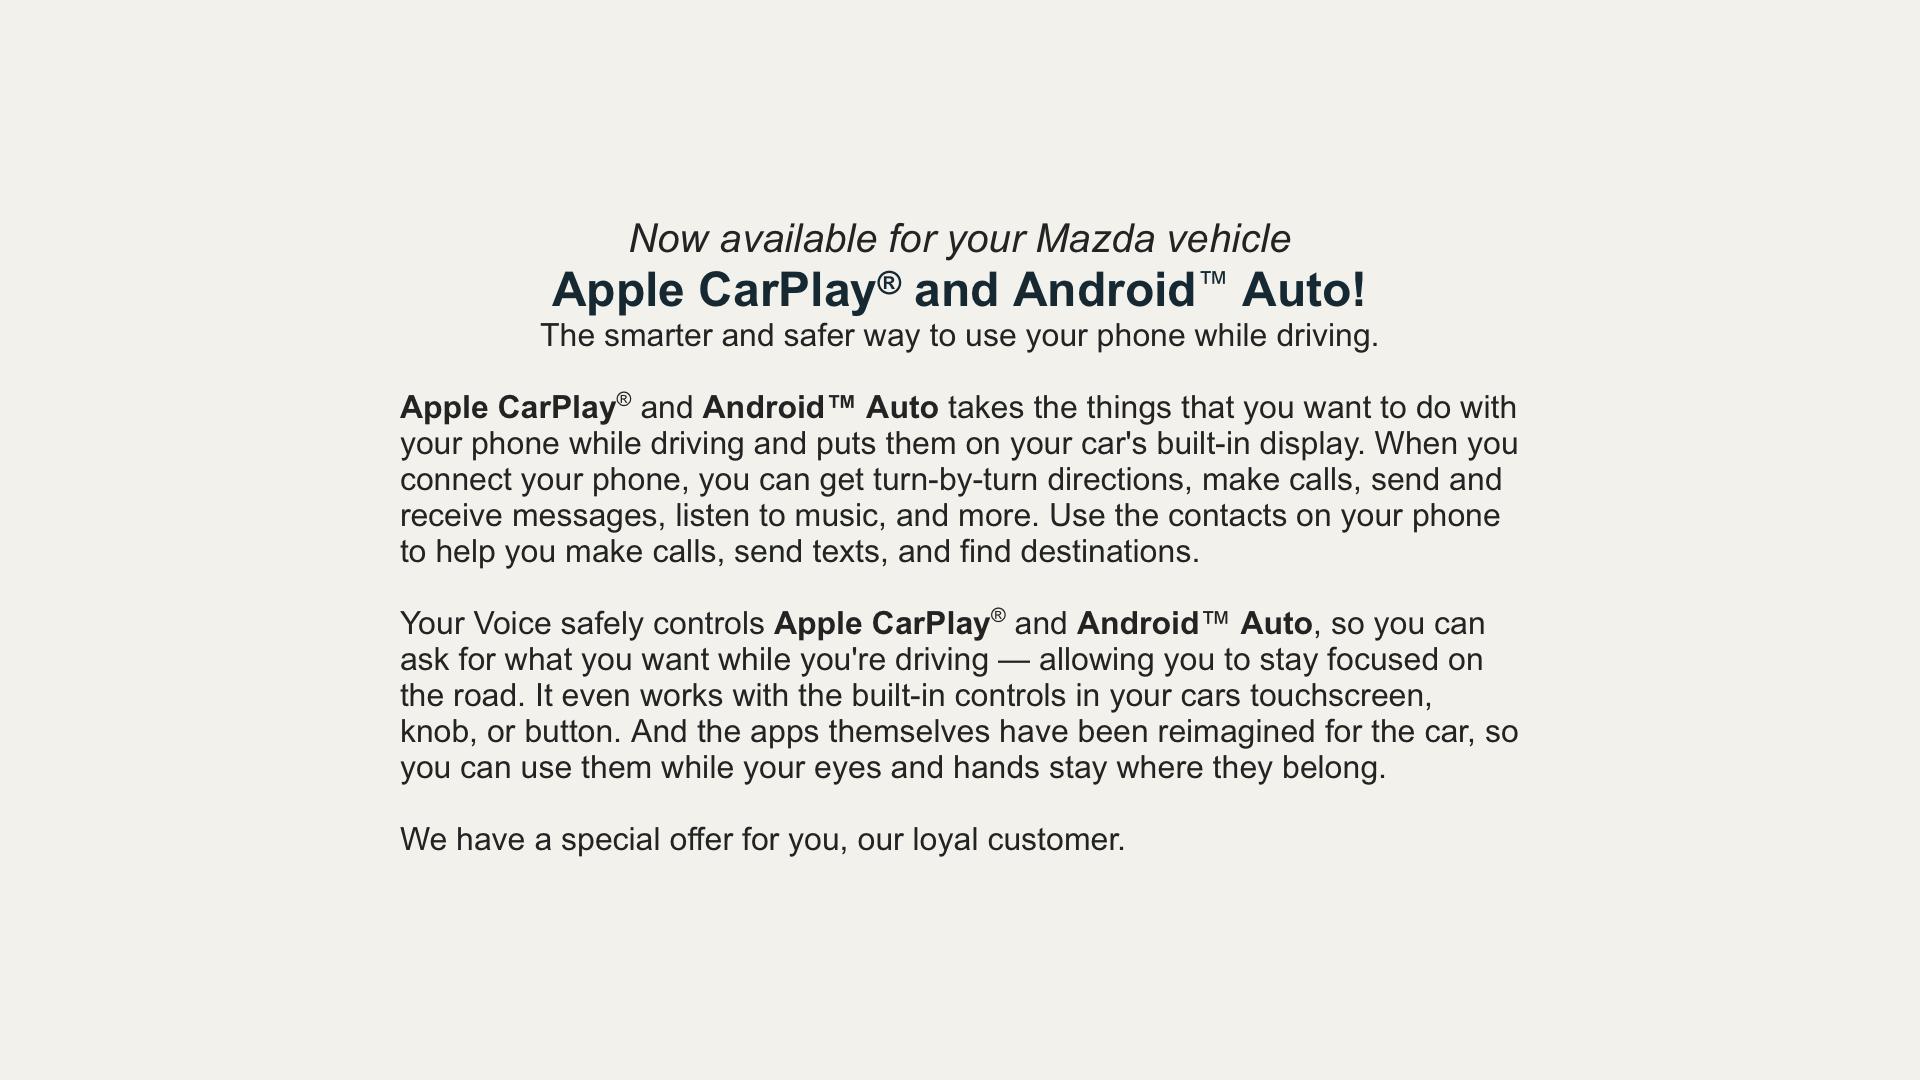 Mazda Android Auto Retrofit - Premium Android